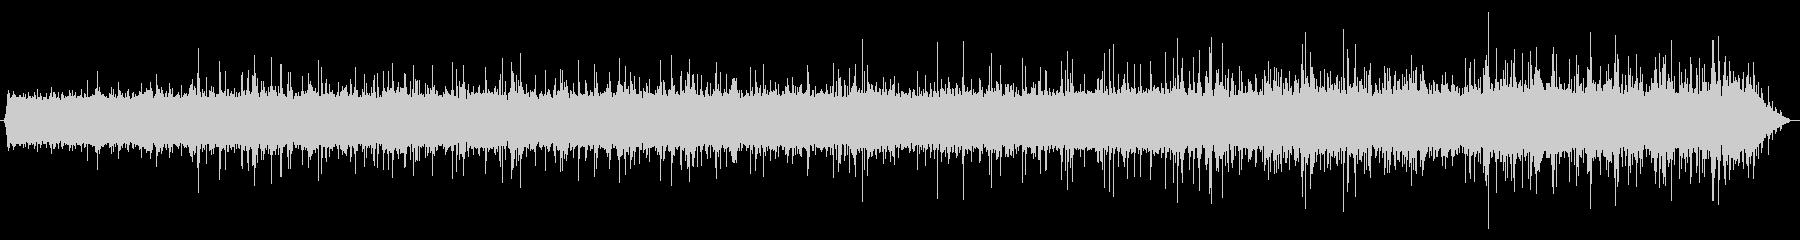 雨の音02(軒下)の未再生の波形